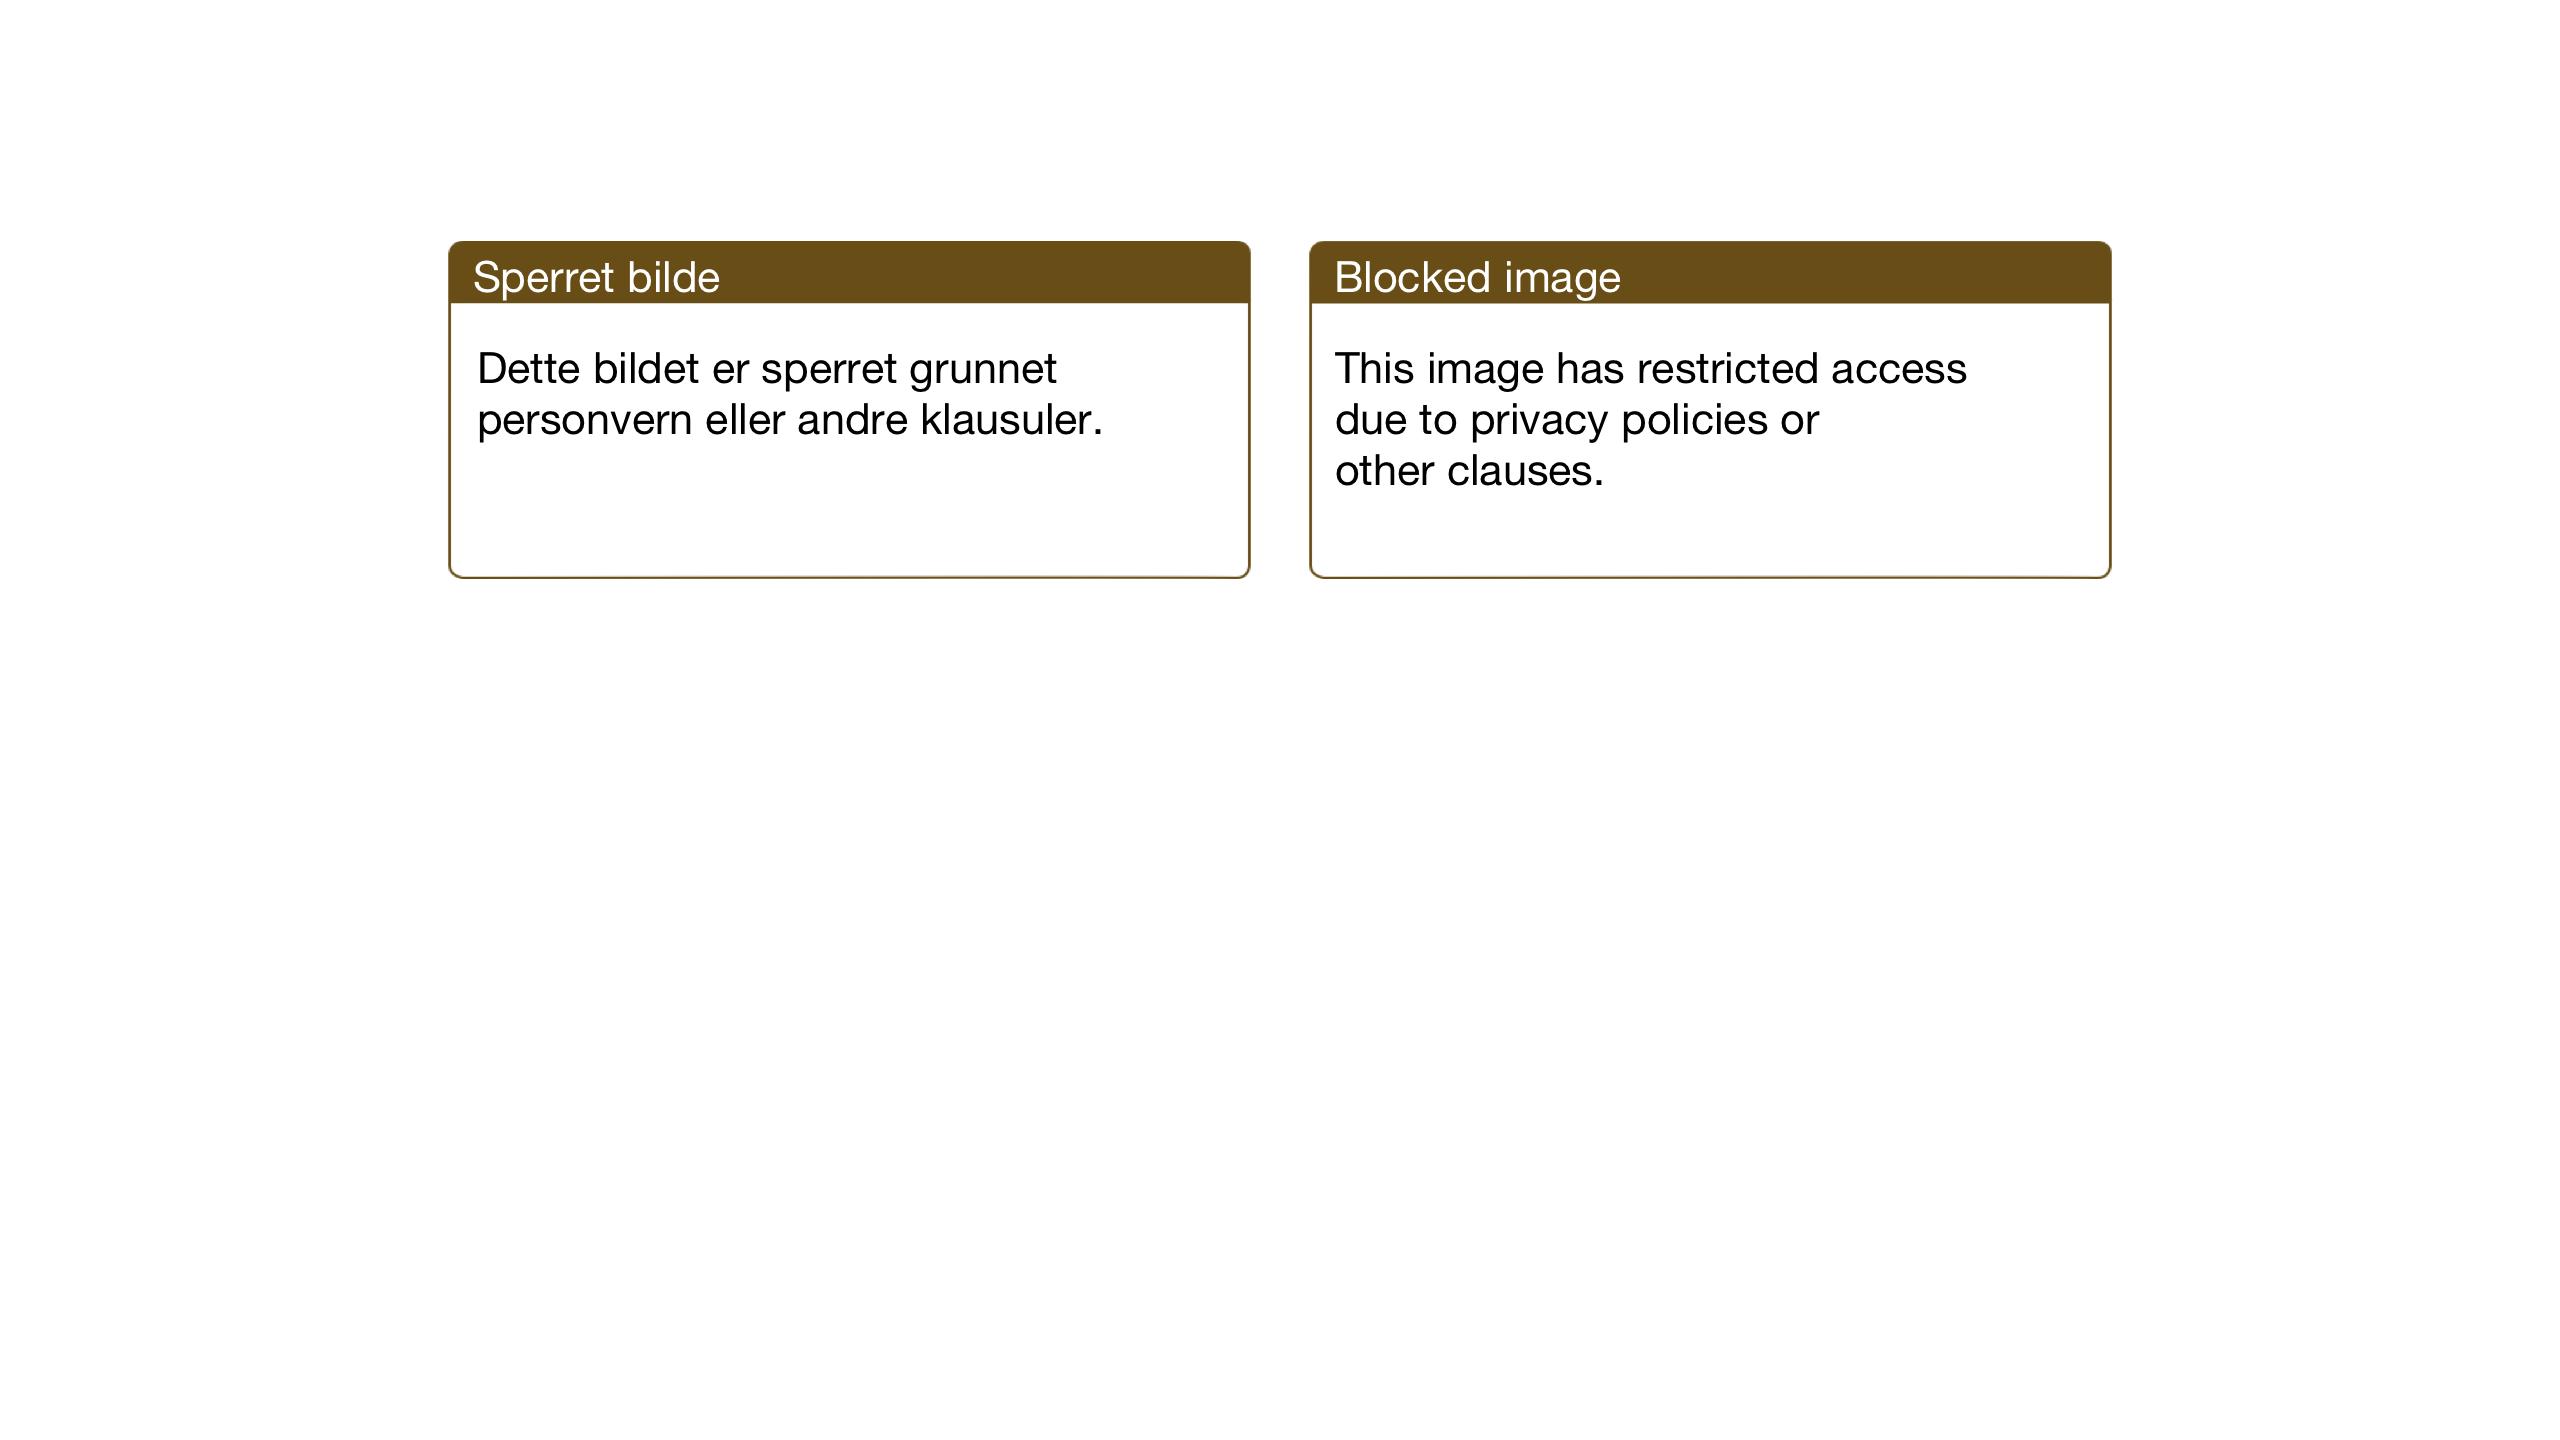 SAT, Ministerialprotokoller, klokkerbøker og fødselsregistre - Sør-Trøndelag, 669/L0832: Klokkerbok nr. 669C02, 1925-1953, s. 232